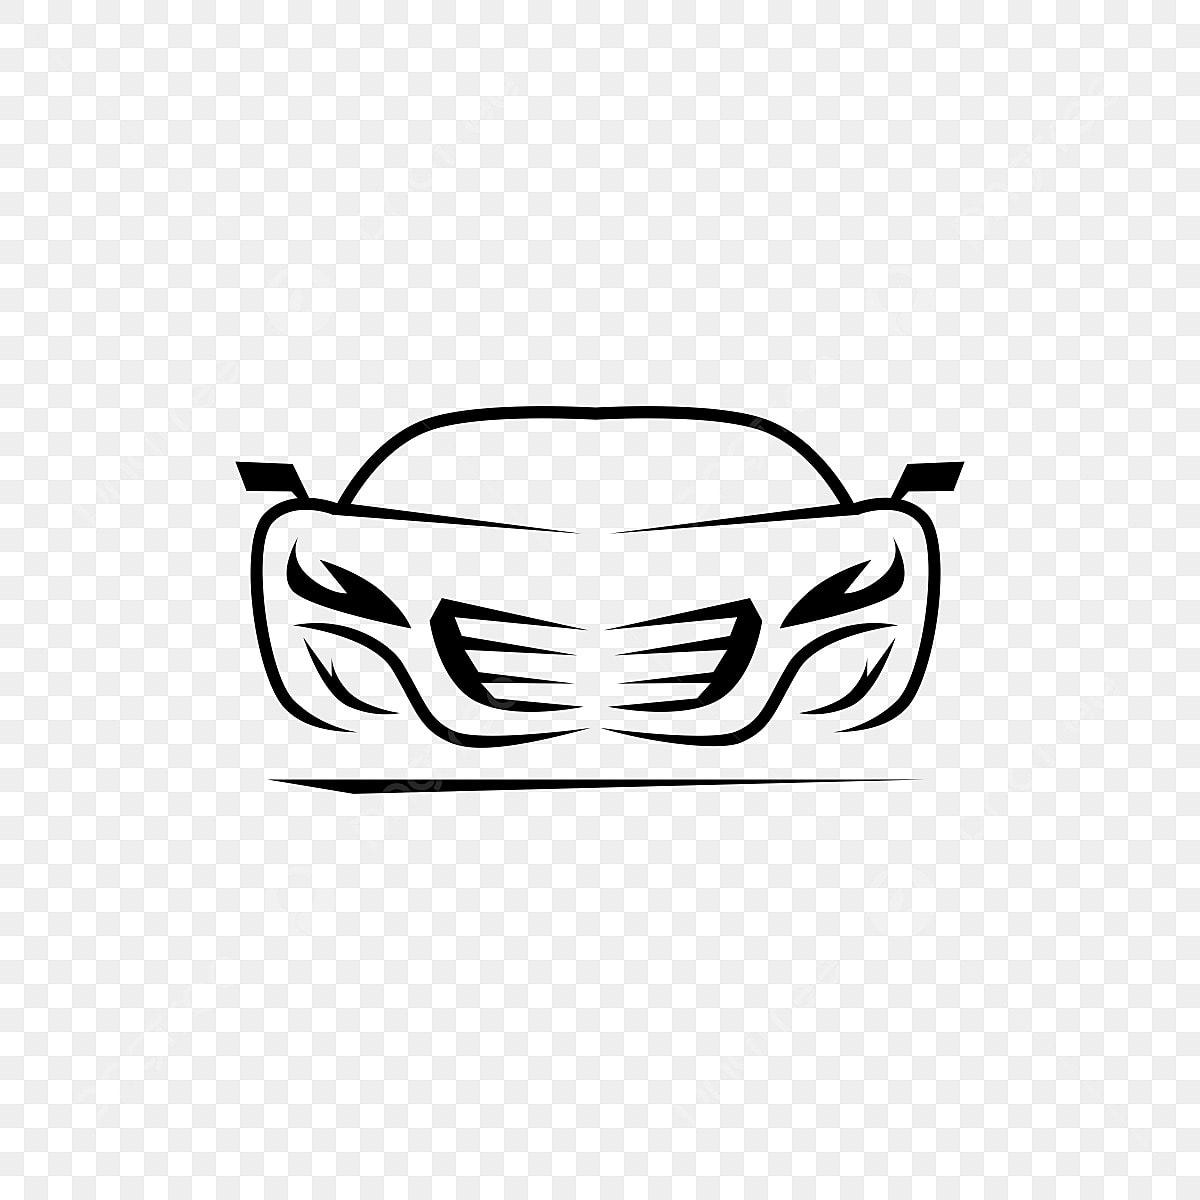 logo voiture automobile r u00e9sum u00e9 auto automobile png et vecteur pour t u00e9l u00e9chargement gratuit